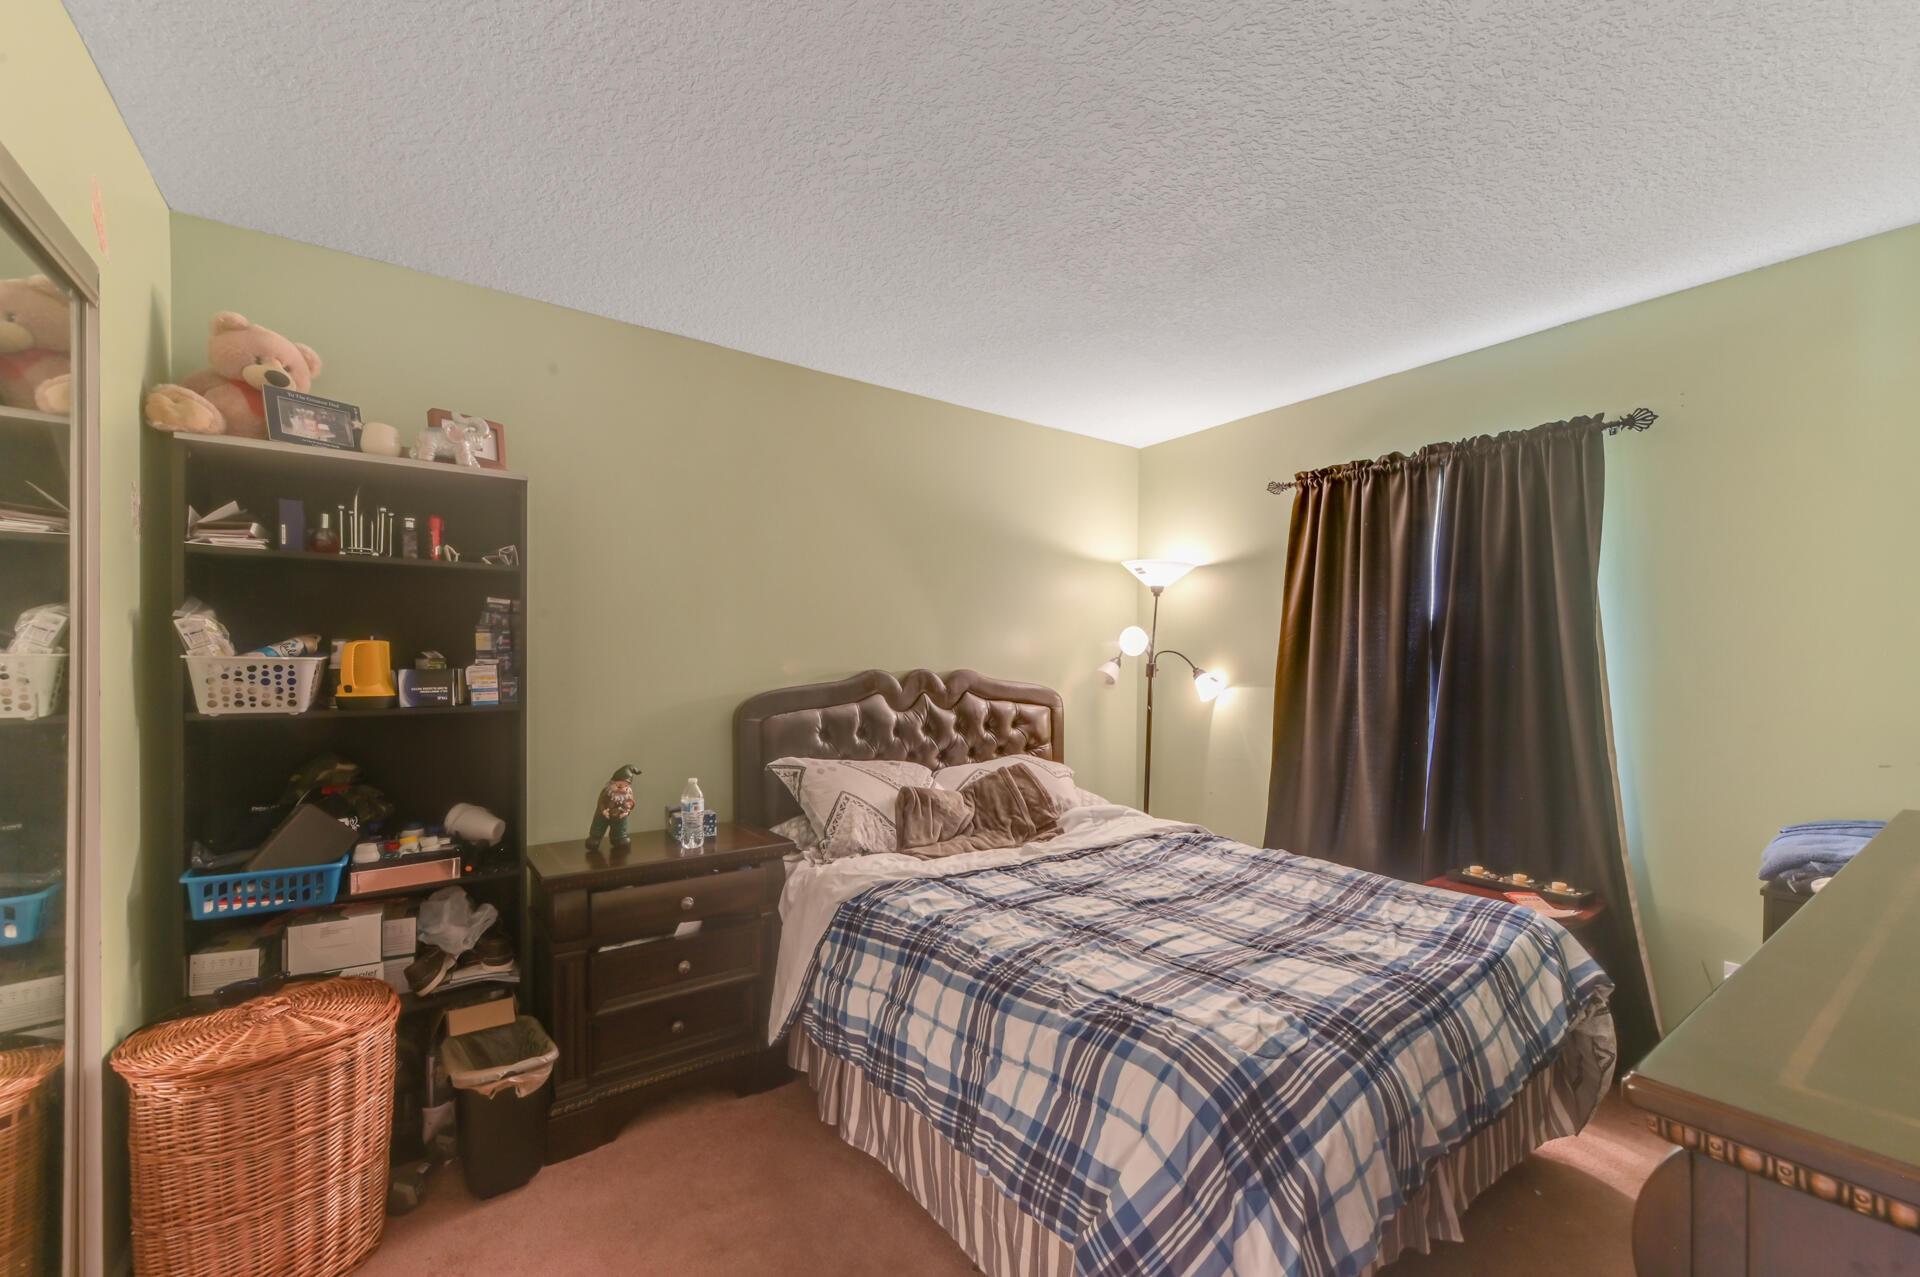 1020-03 Bedroom_001